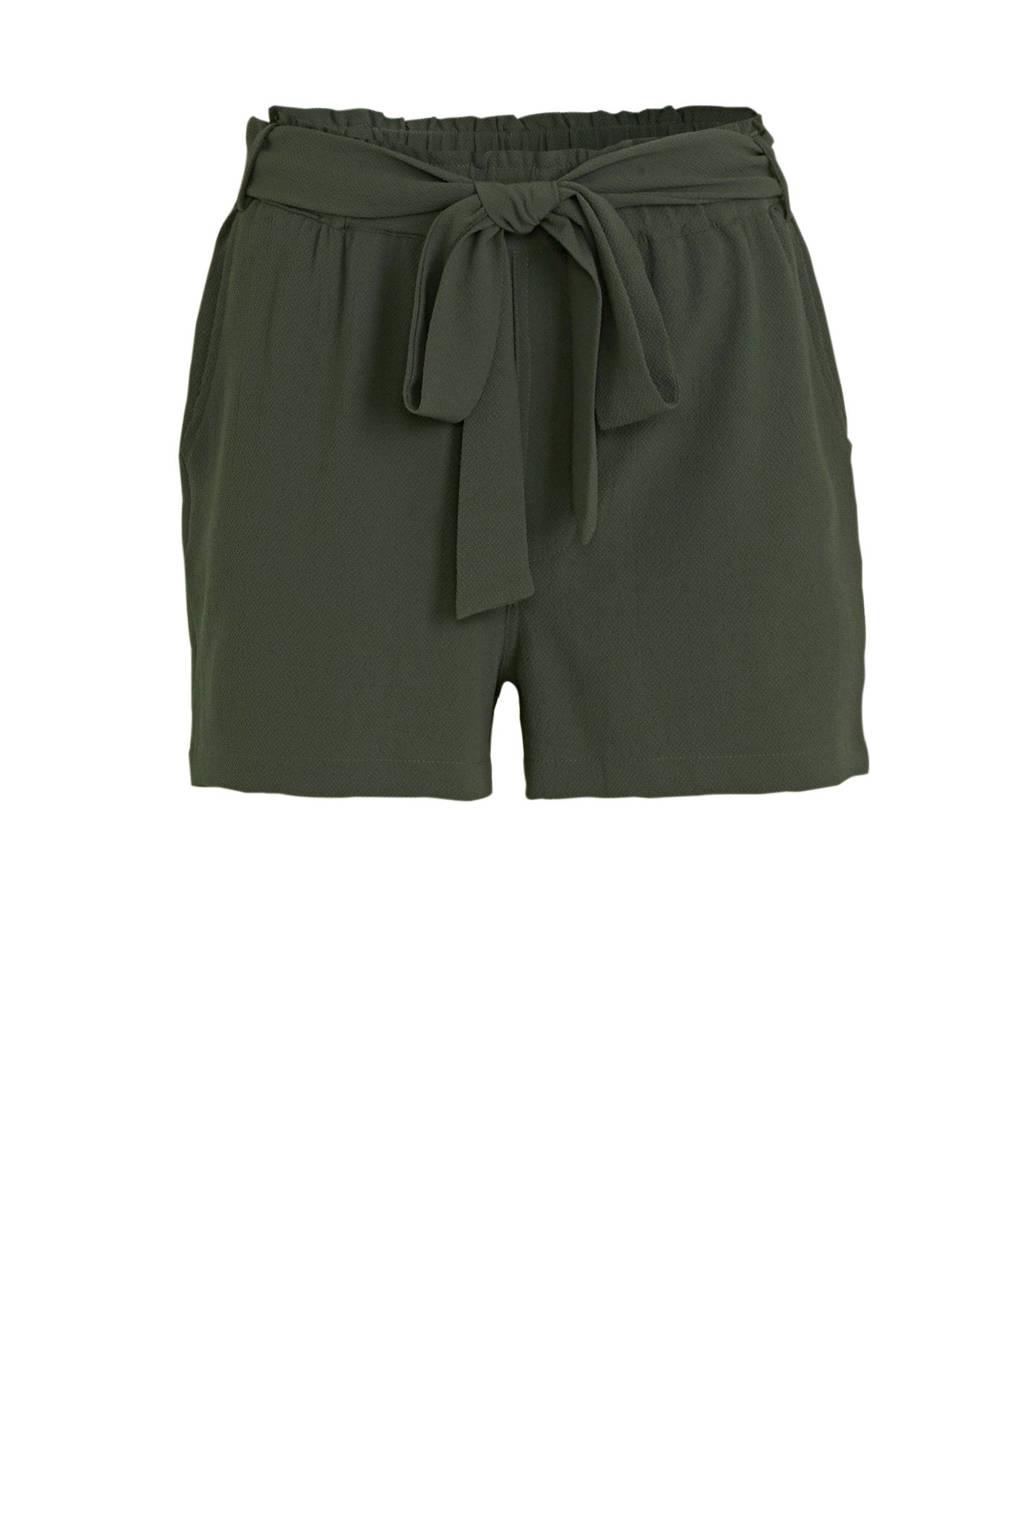 anytime shorts goen, Groen